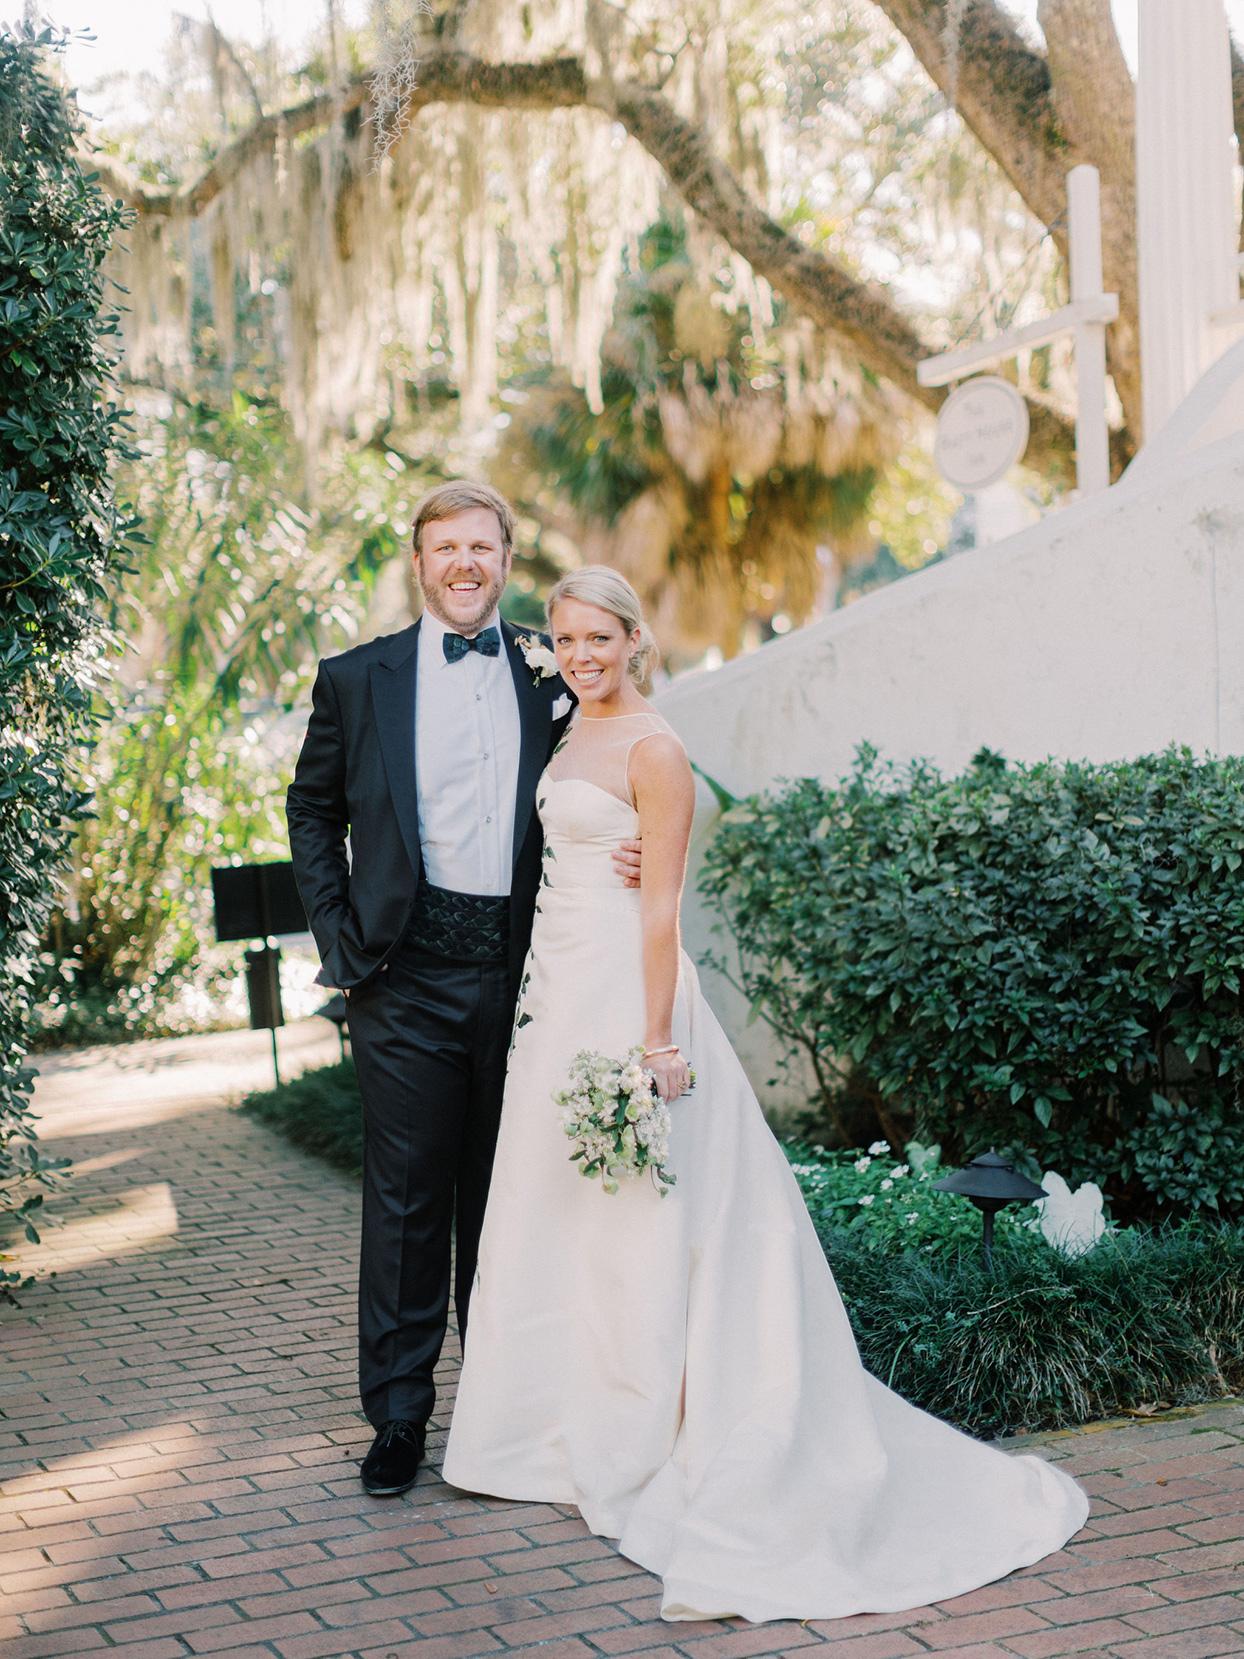 A Black Tie Garden Wedding With Menswear Inspired Details In